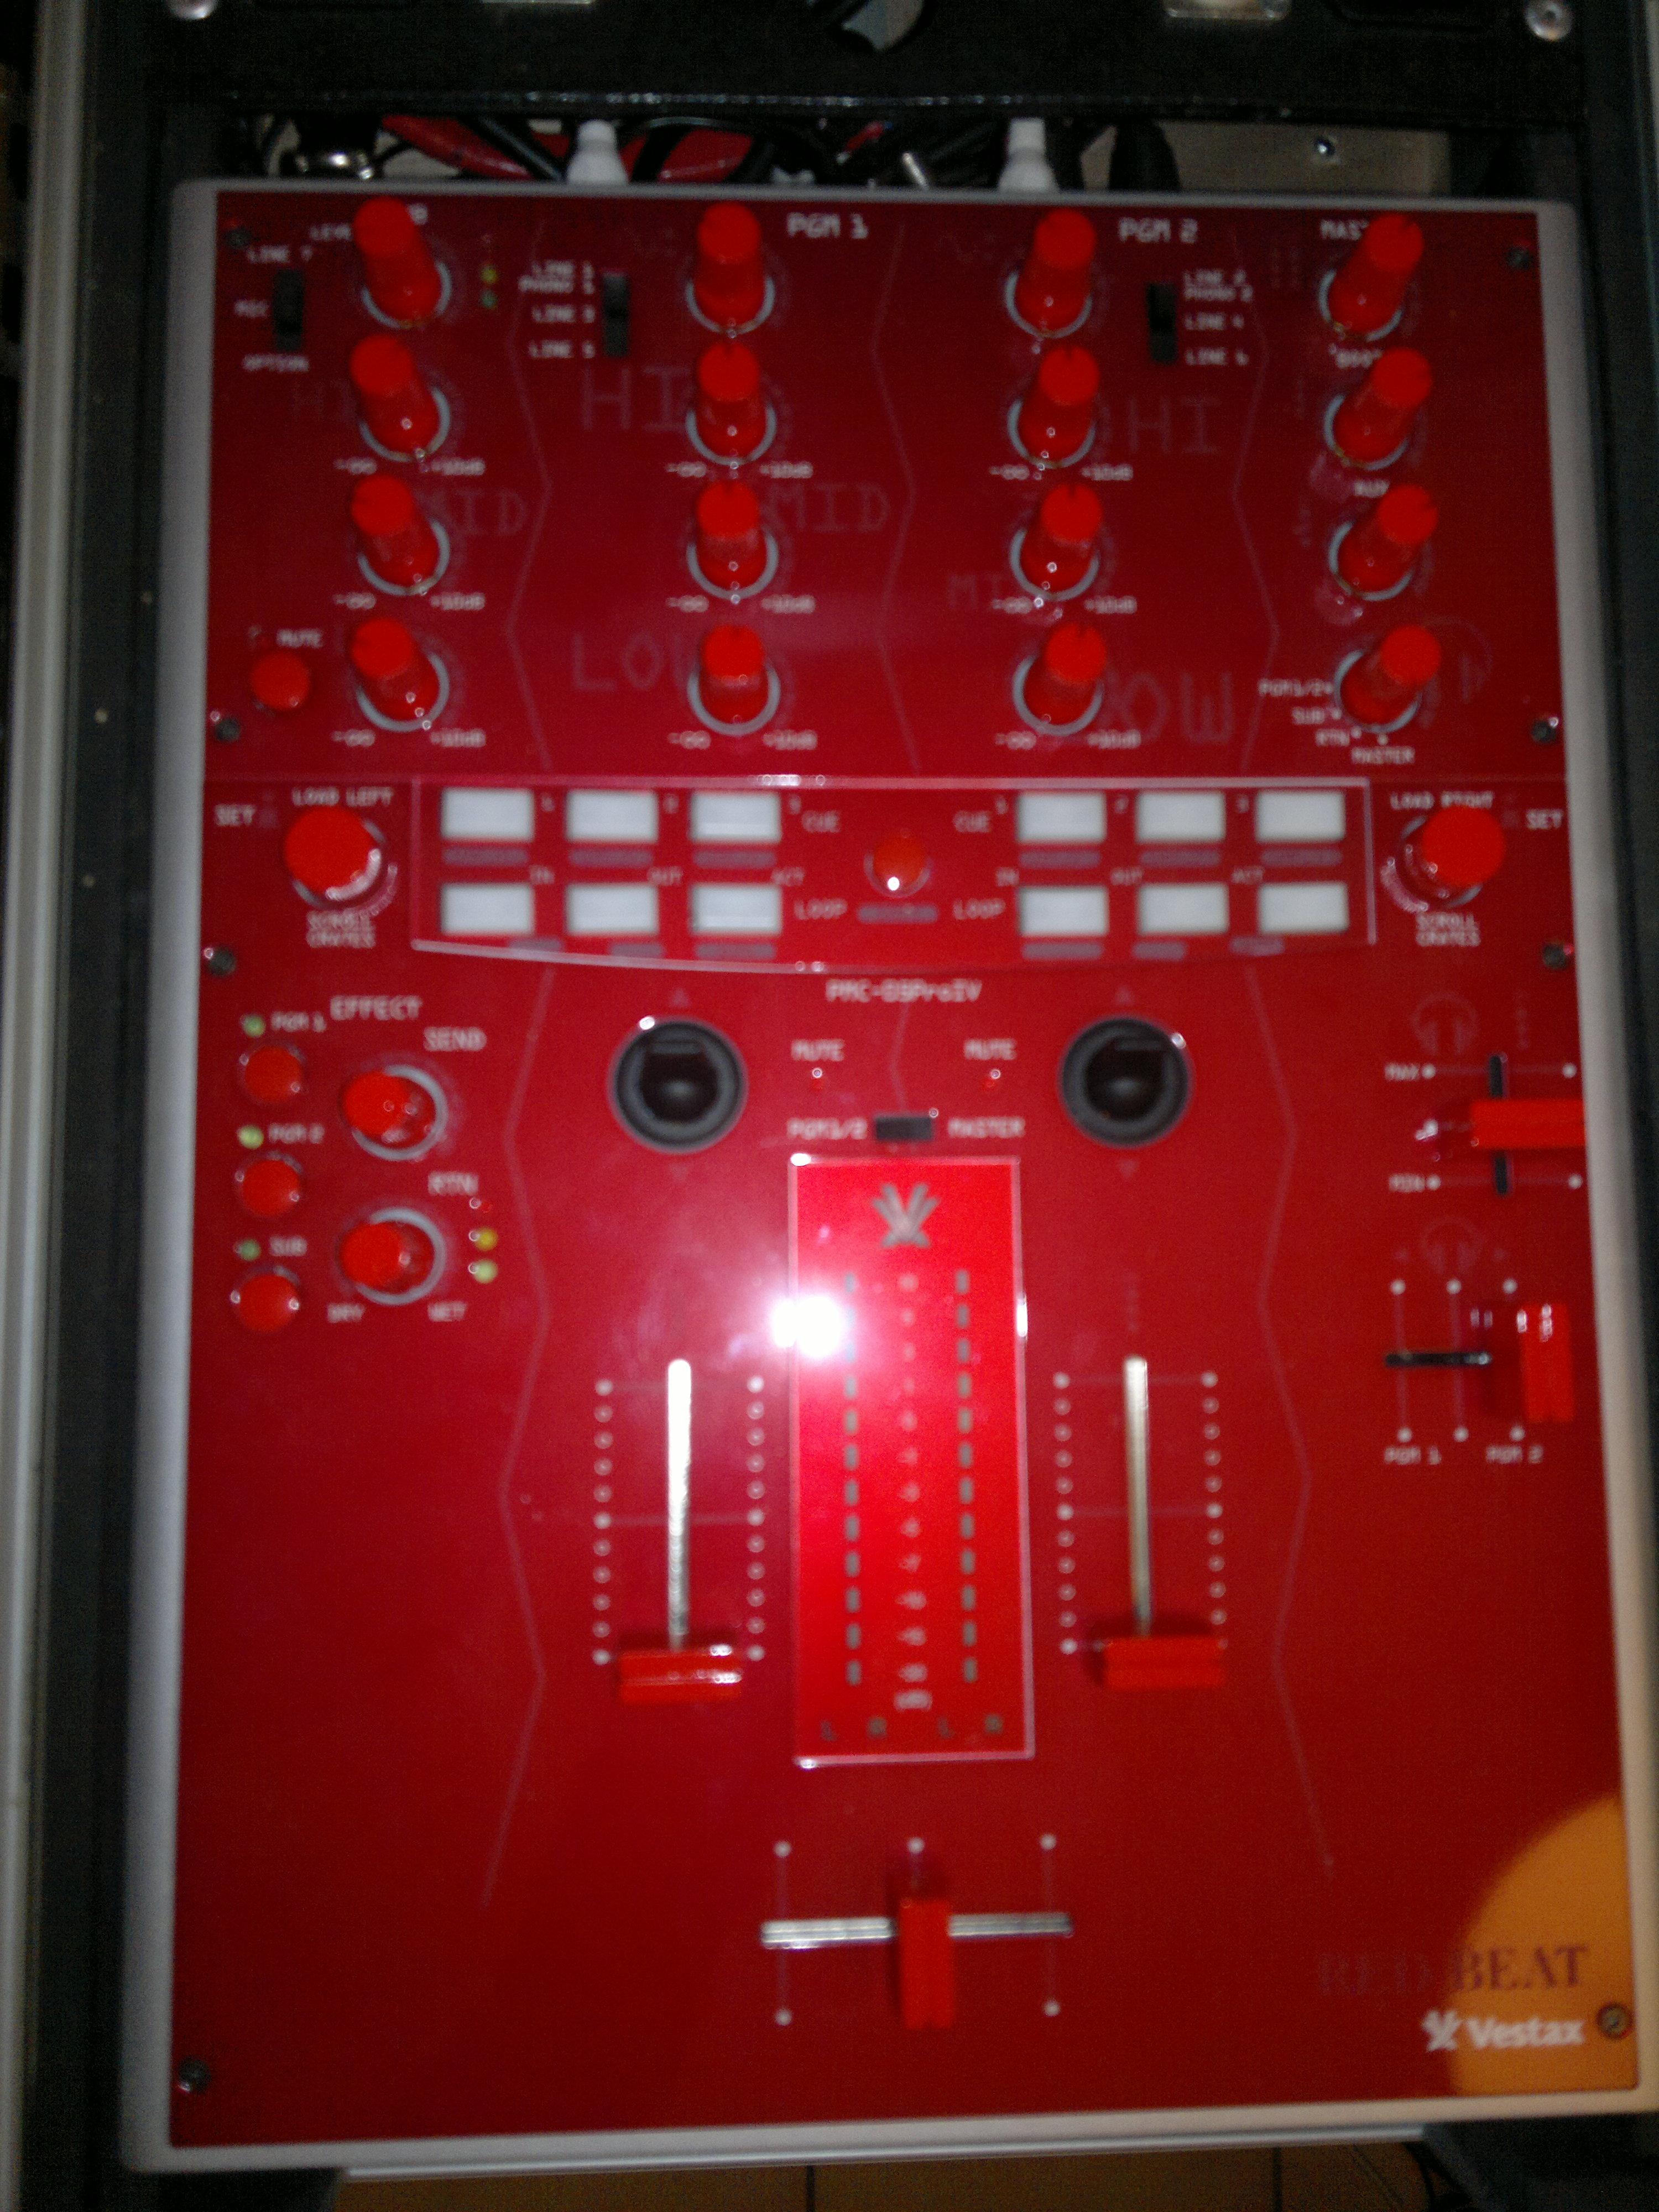 Vestax Pmc 05 Pro 4 Vestax Pmc-05 Pro iv Format